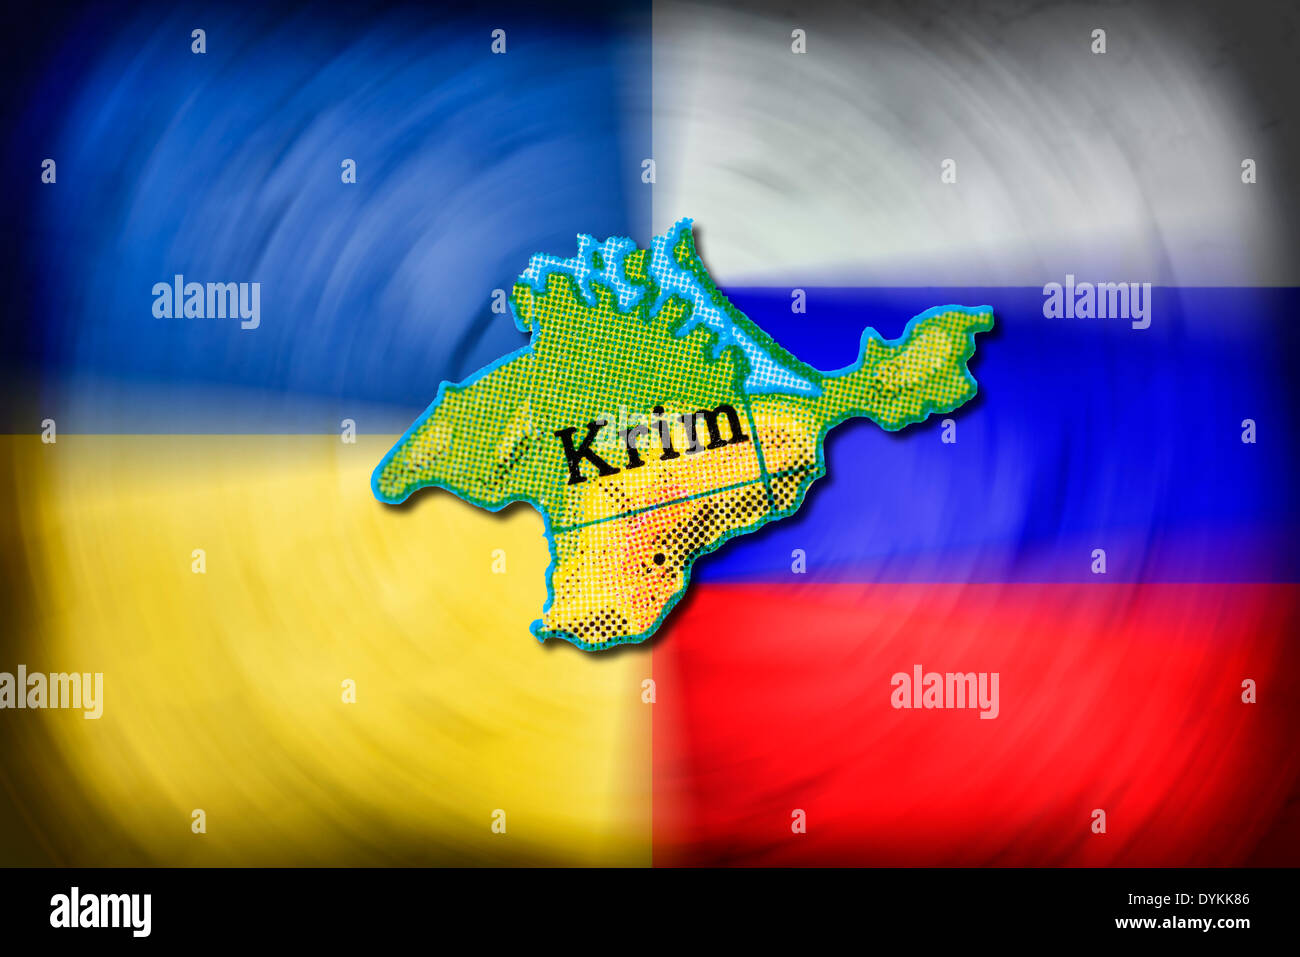 Karte der Krim vor den Fahnen von Ukraine und Russland, Krim-Krise - Stock Image